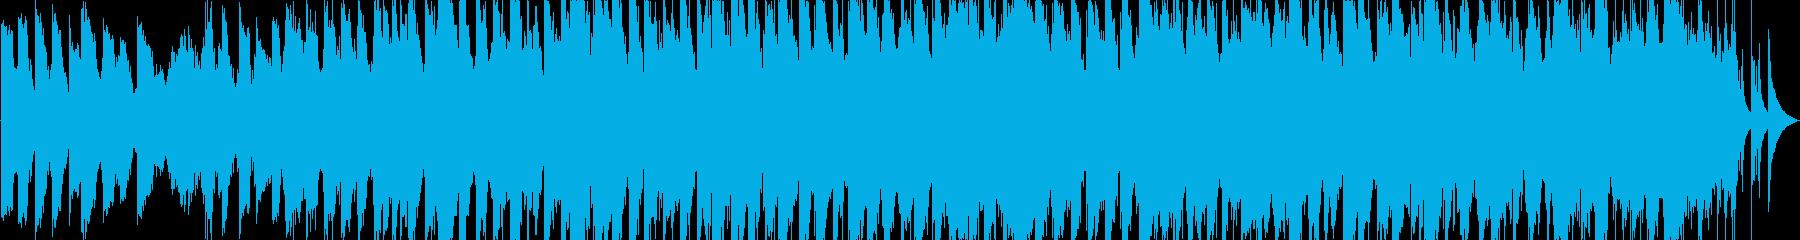 アンビエント風のJpopバラードの再生済みの波形